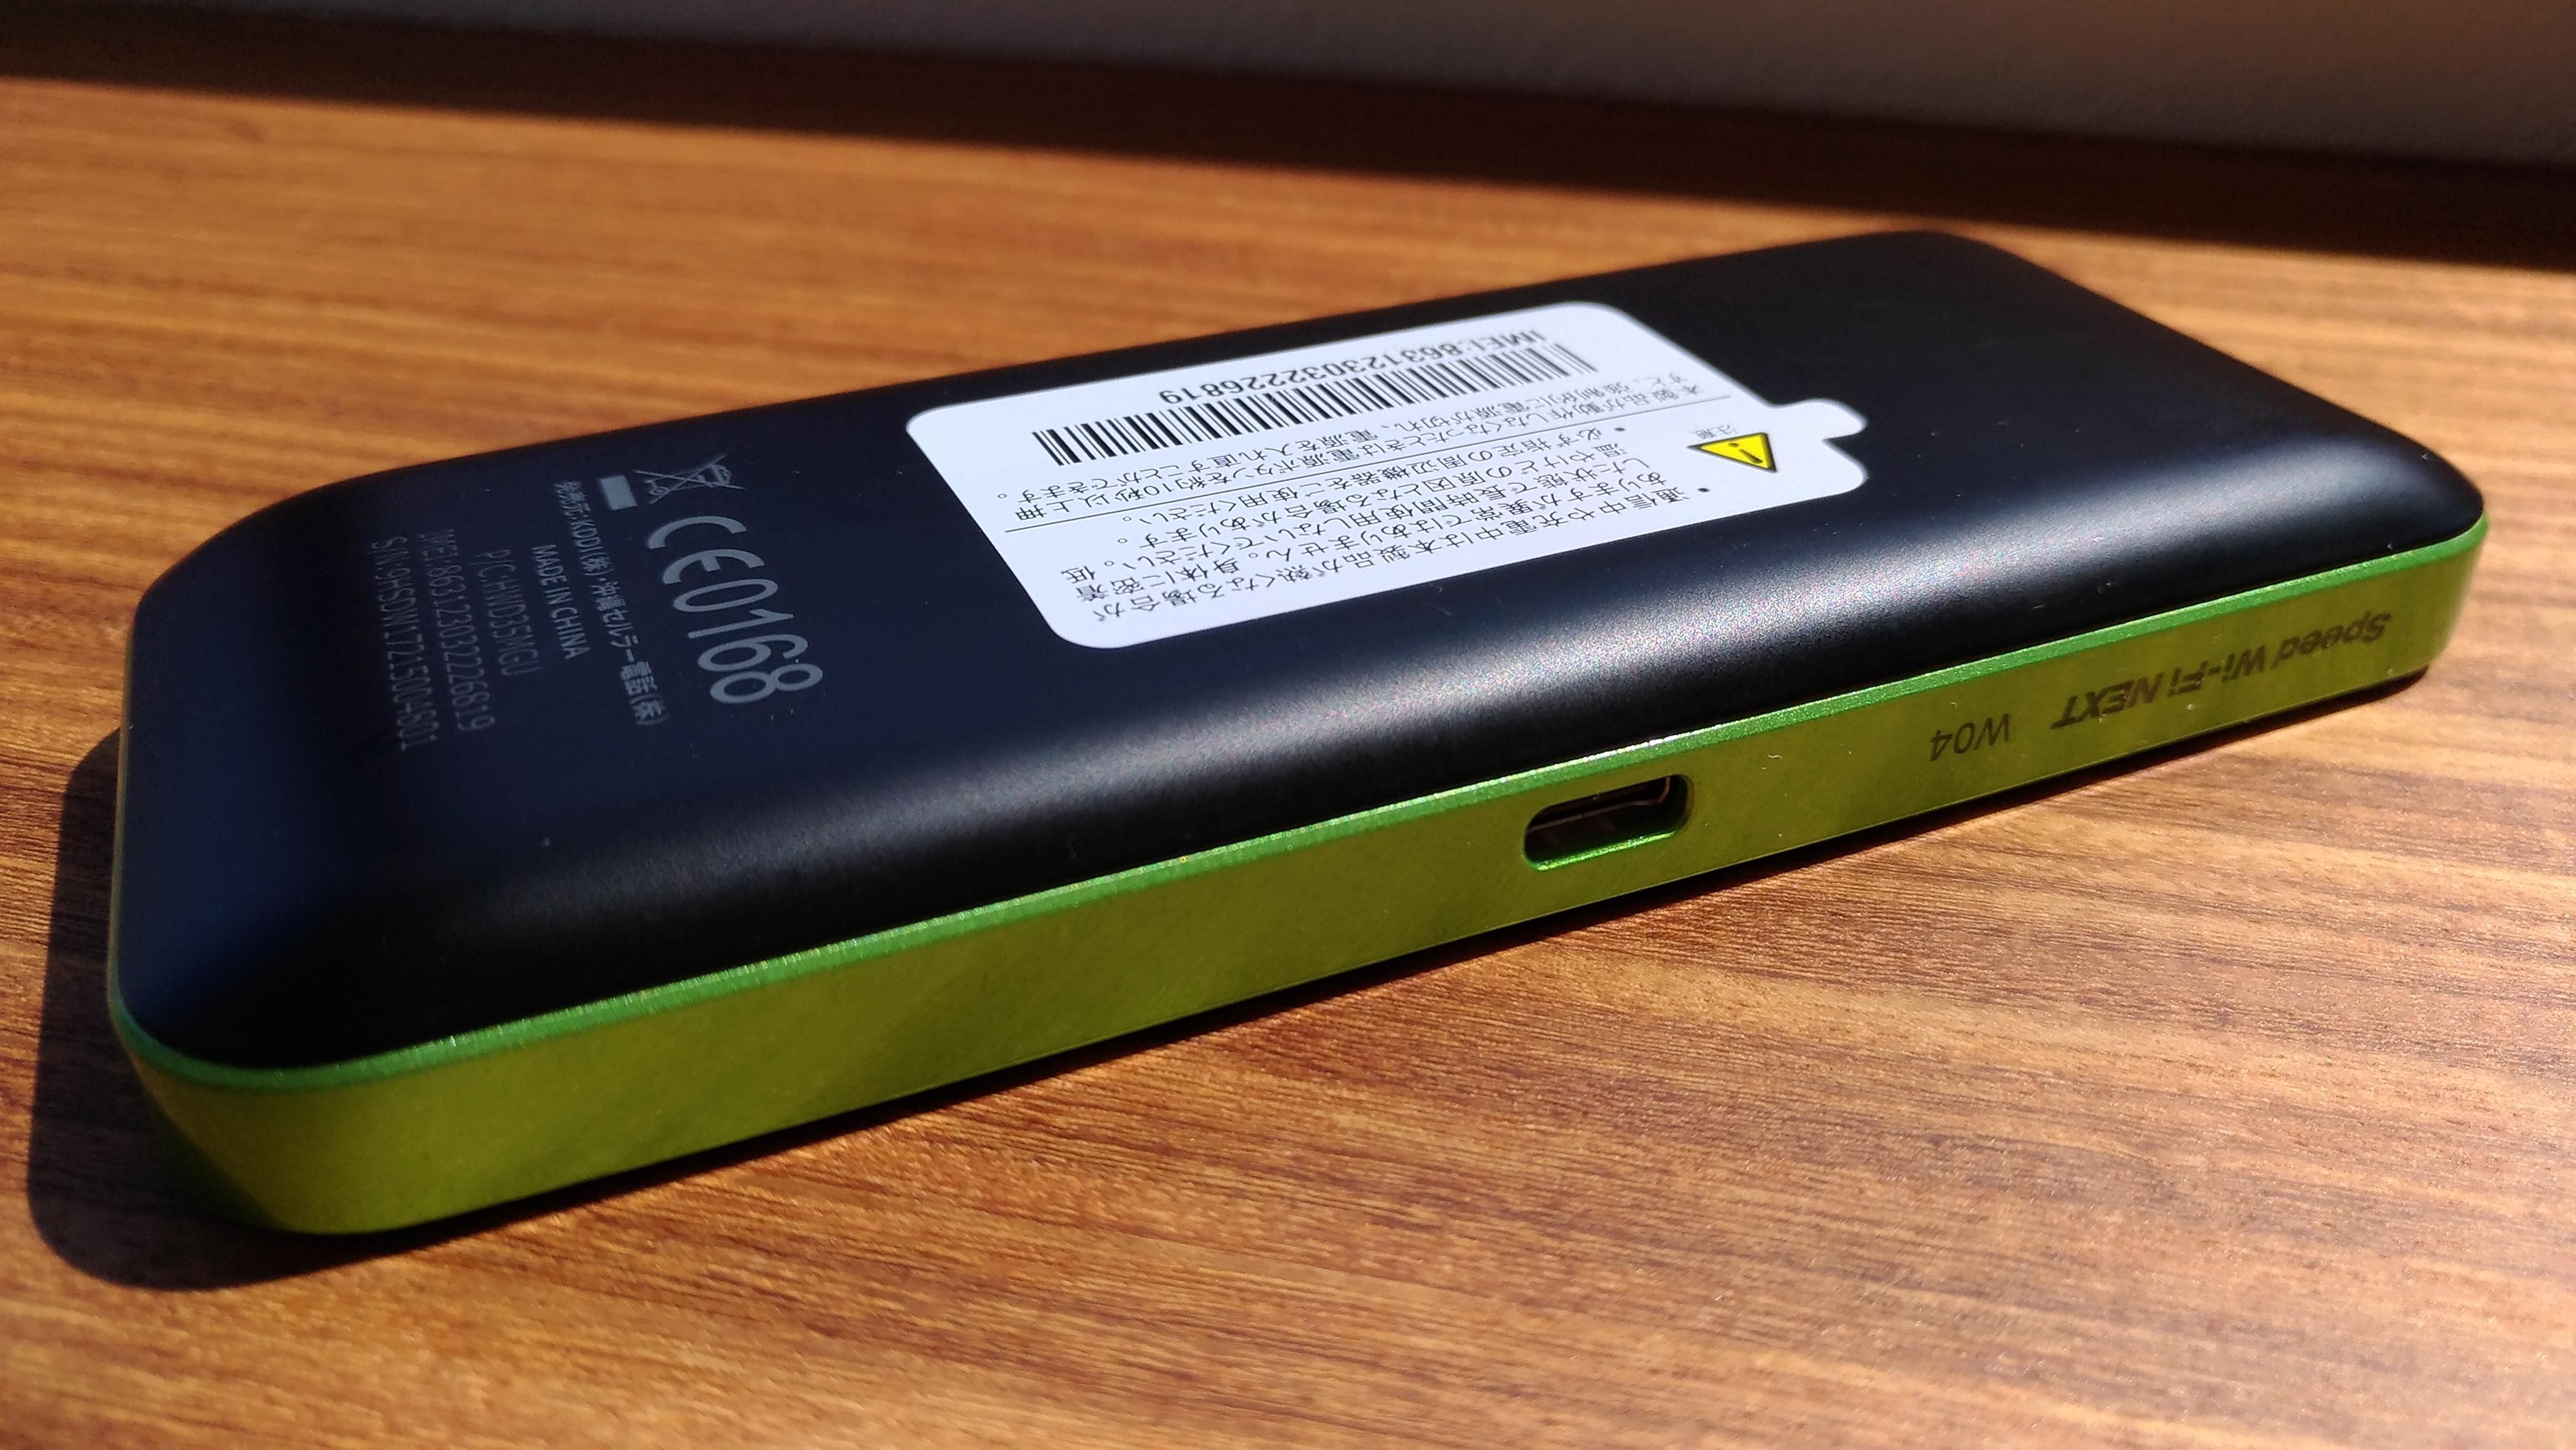 USB3.0 Type Cの充電ケーブル